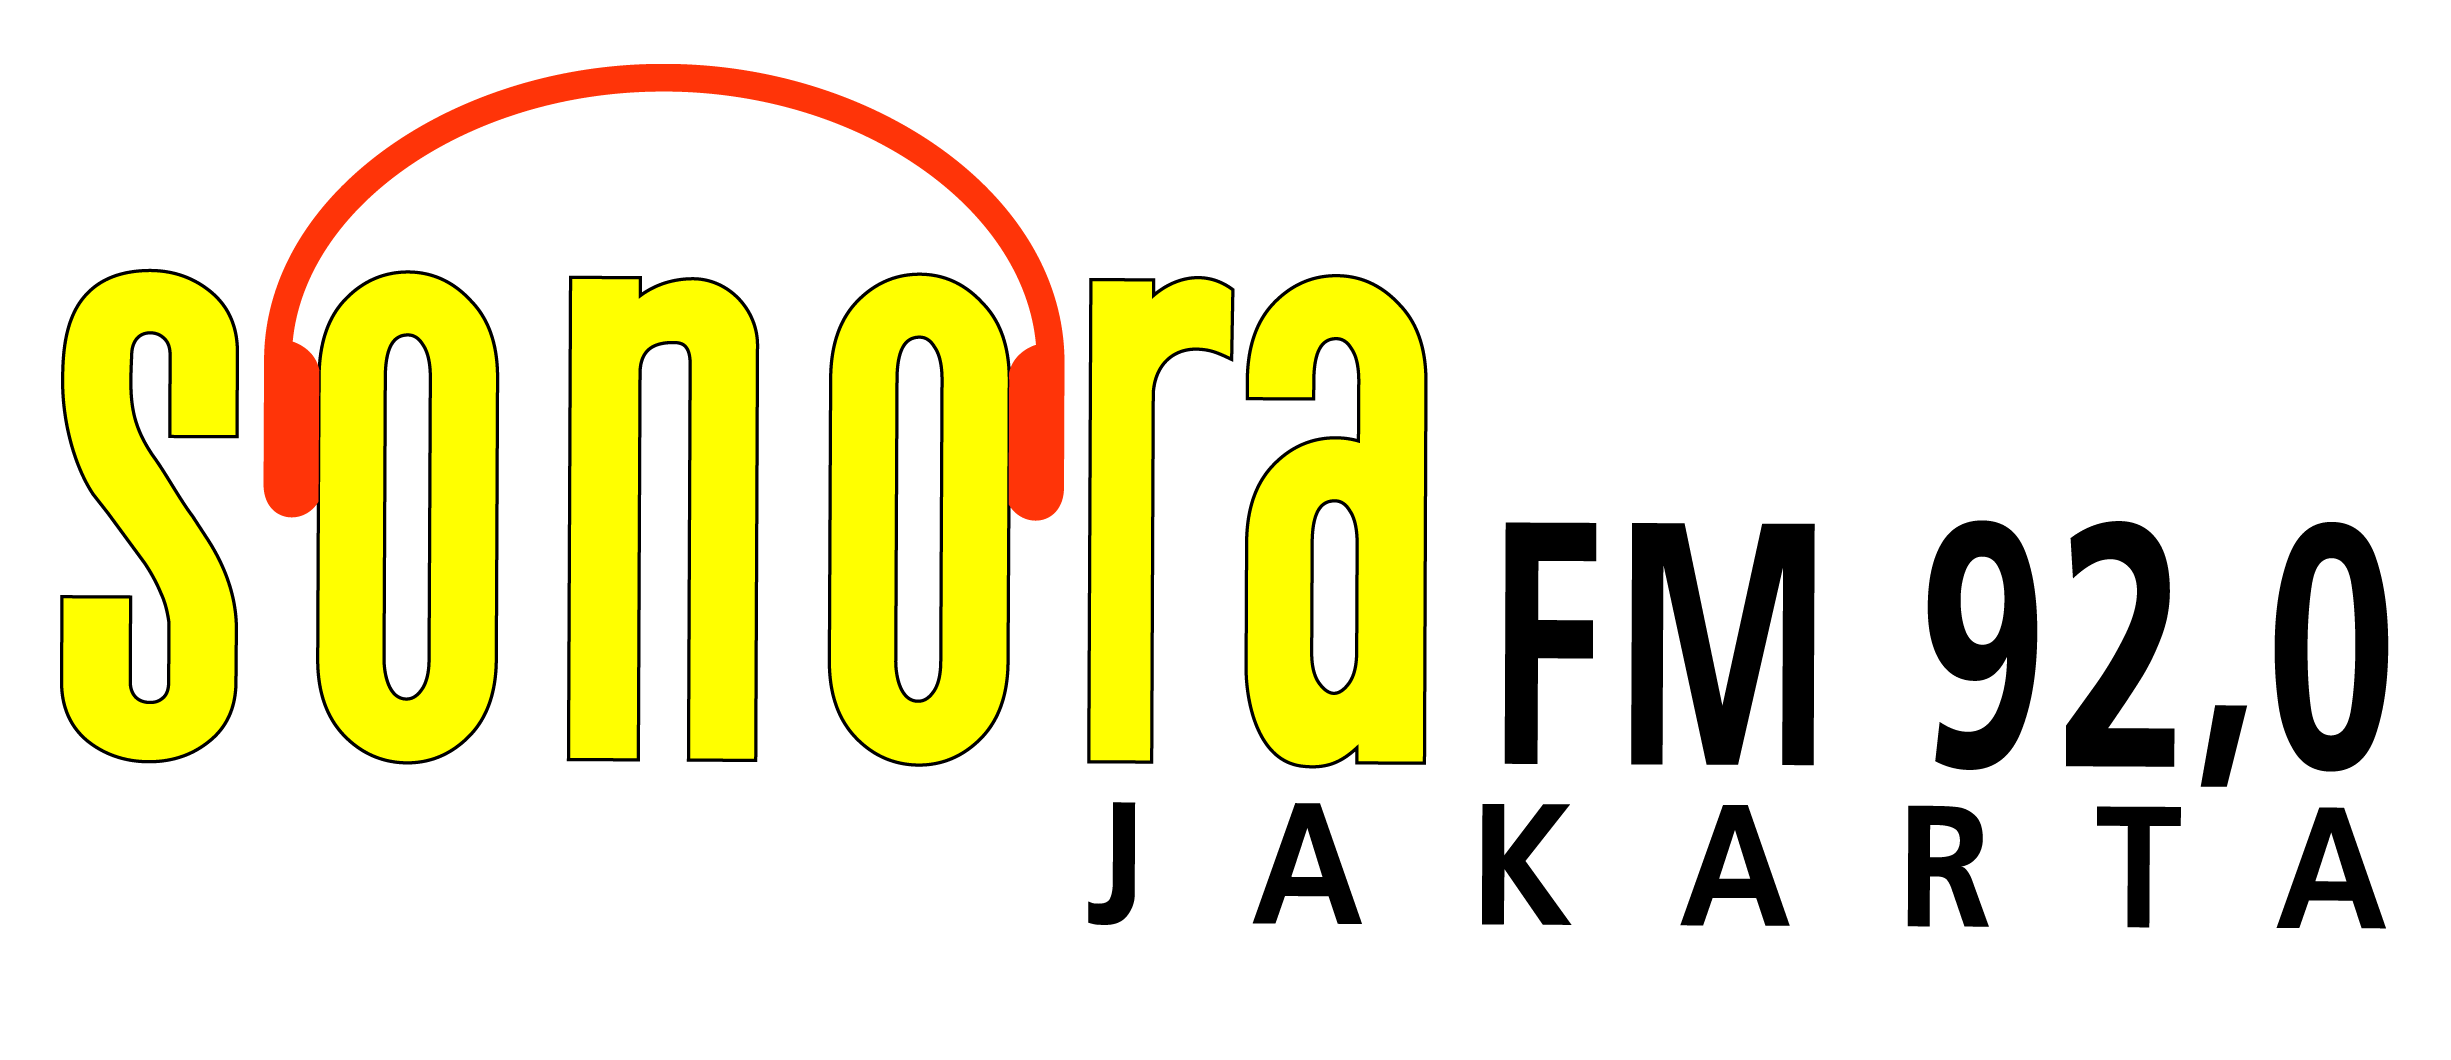 Sonora FM 92.0